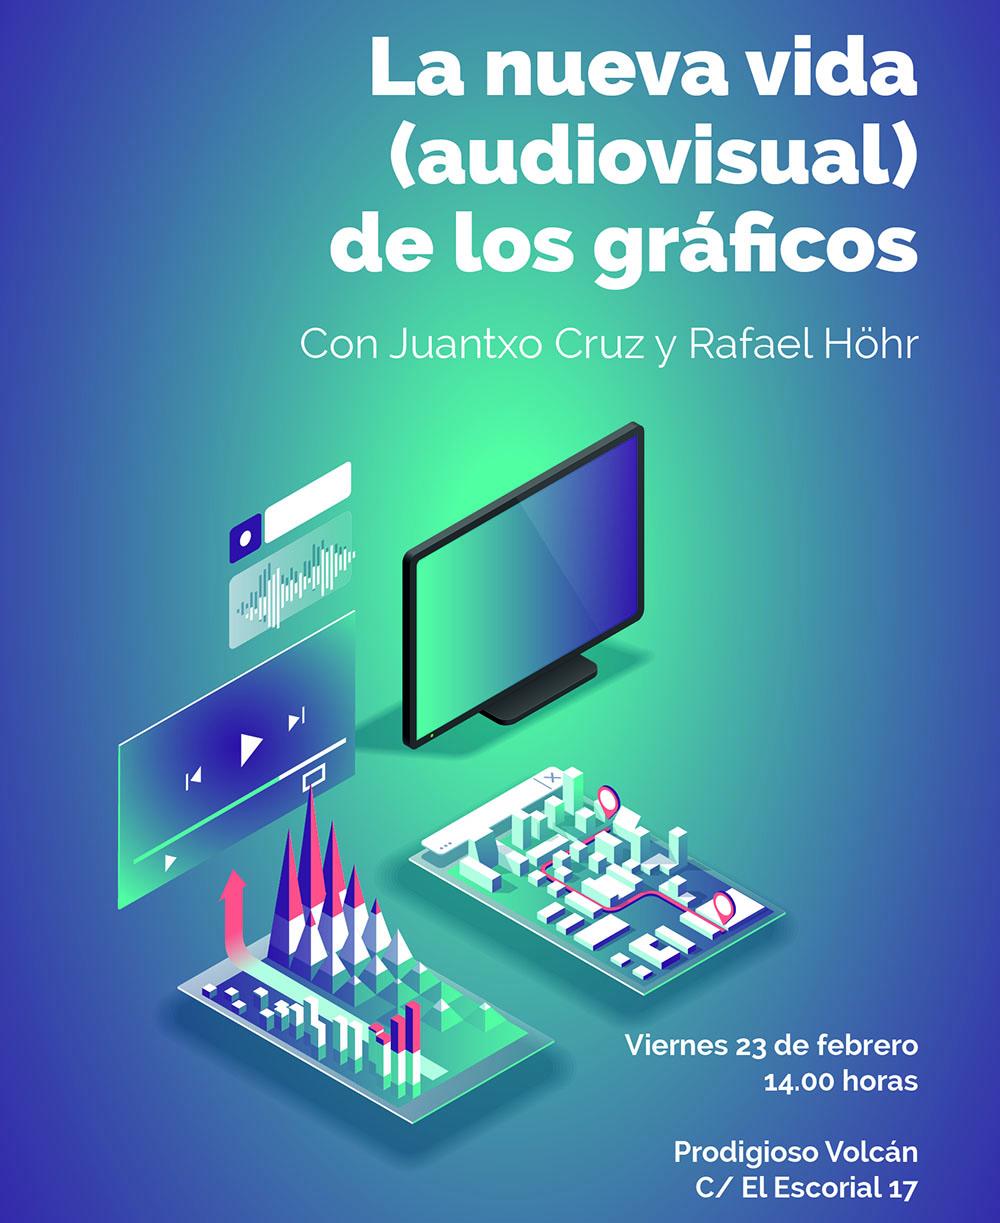 La nueva vida audiovisual de los gráficos